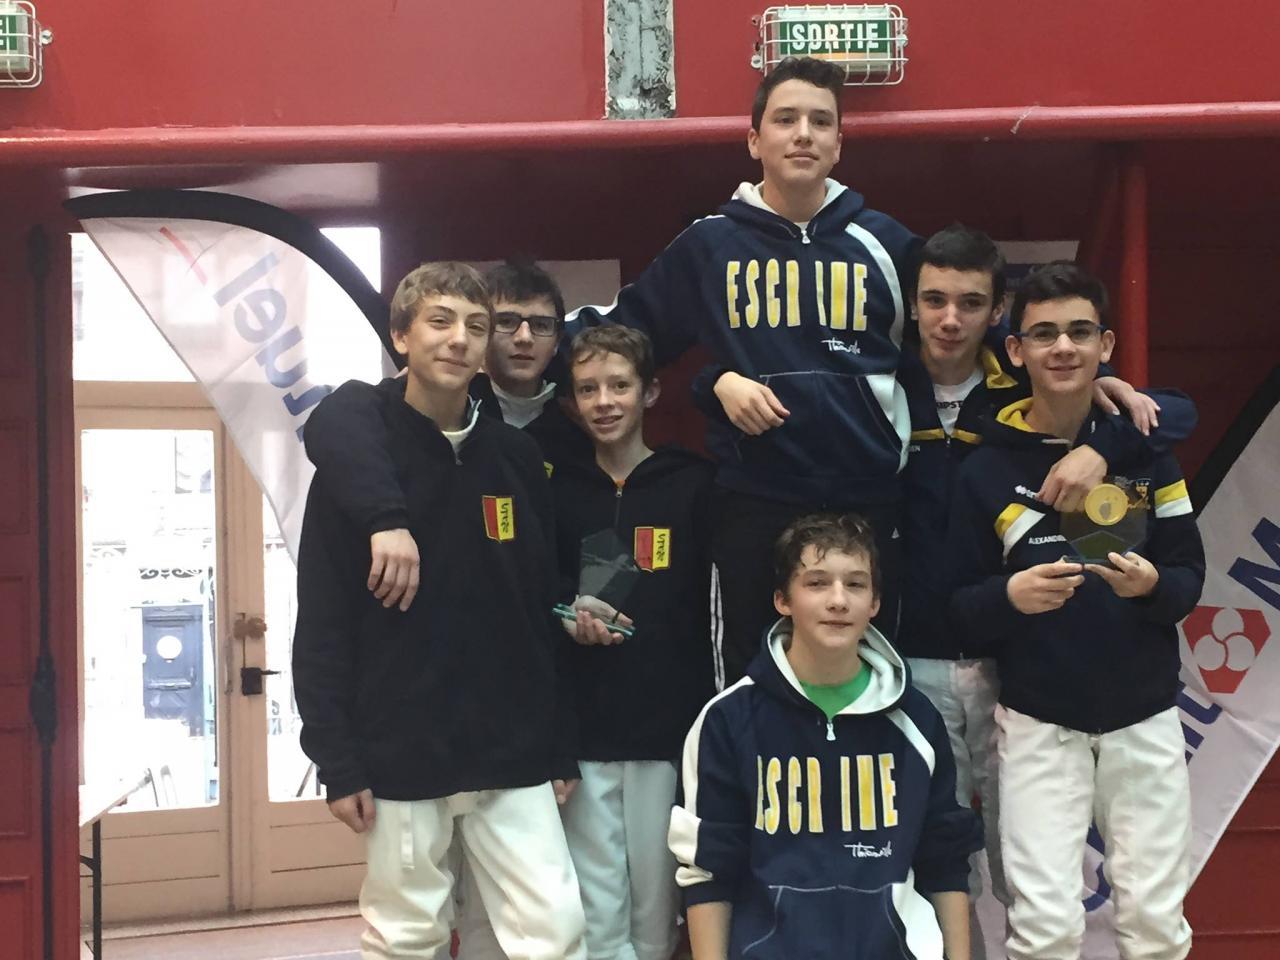 Le podium equipe cadets 3